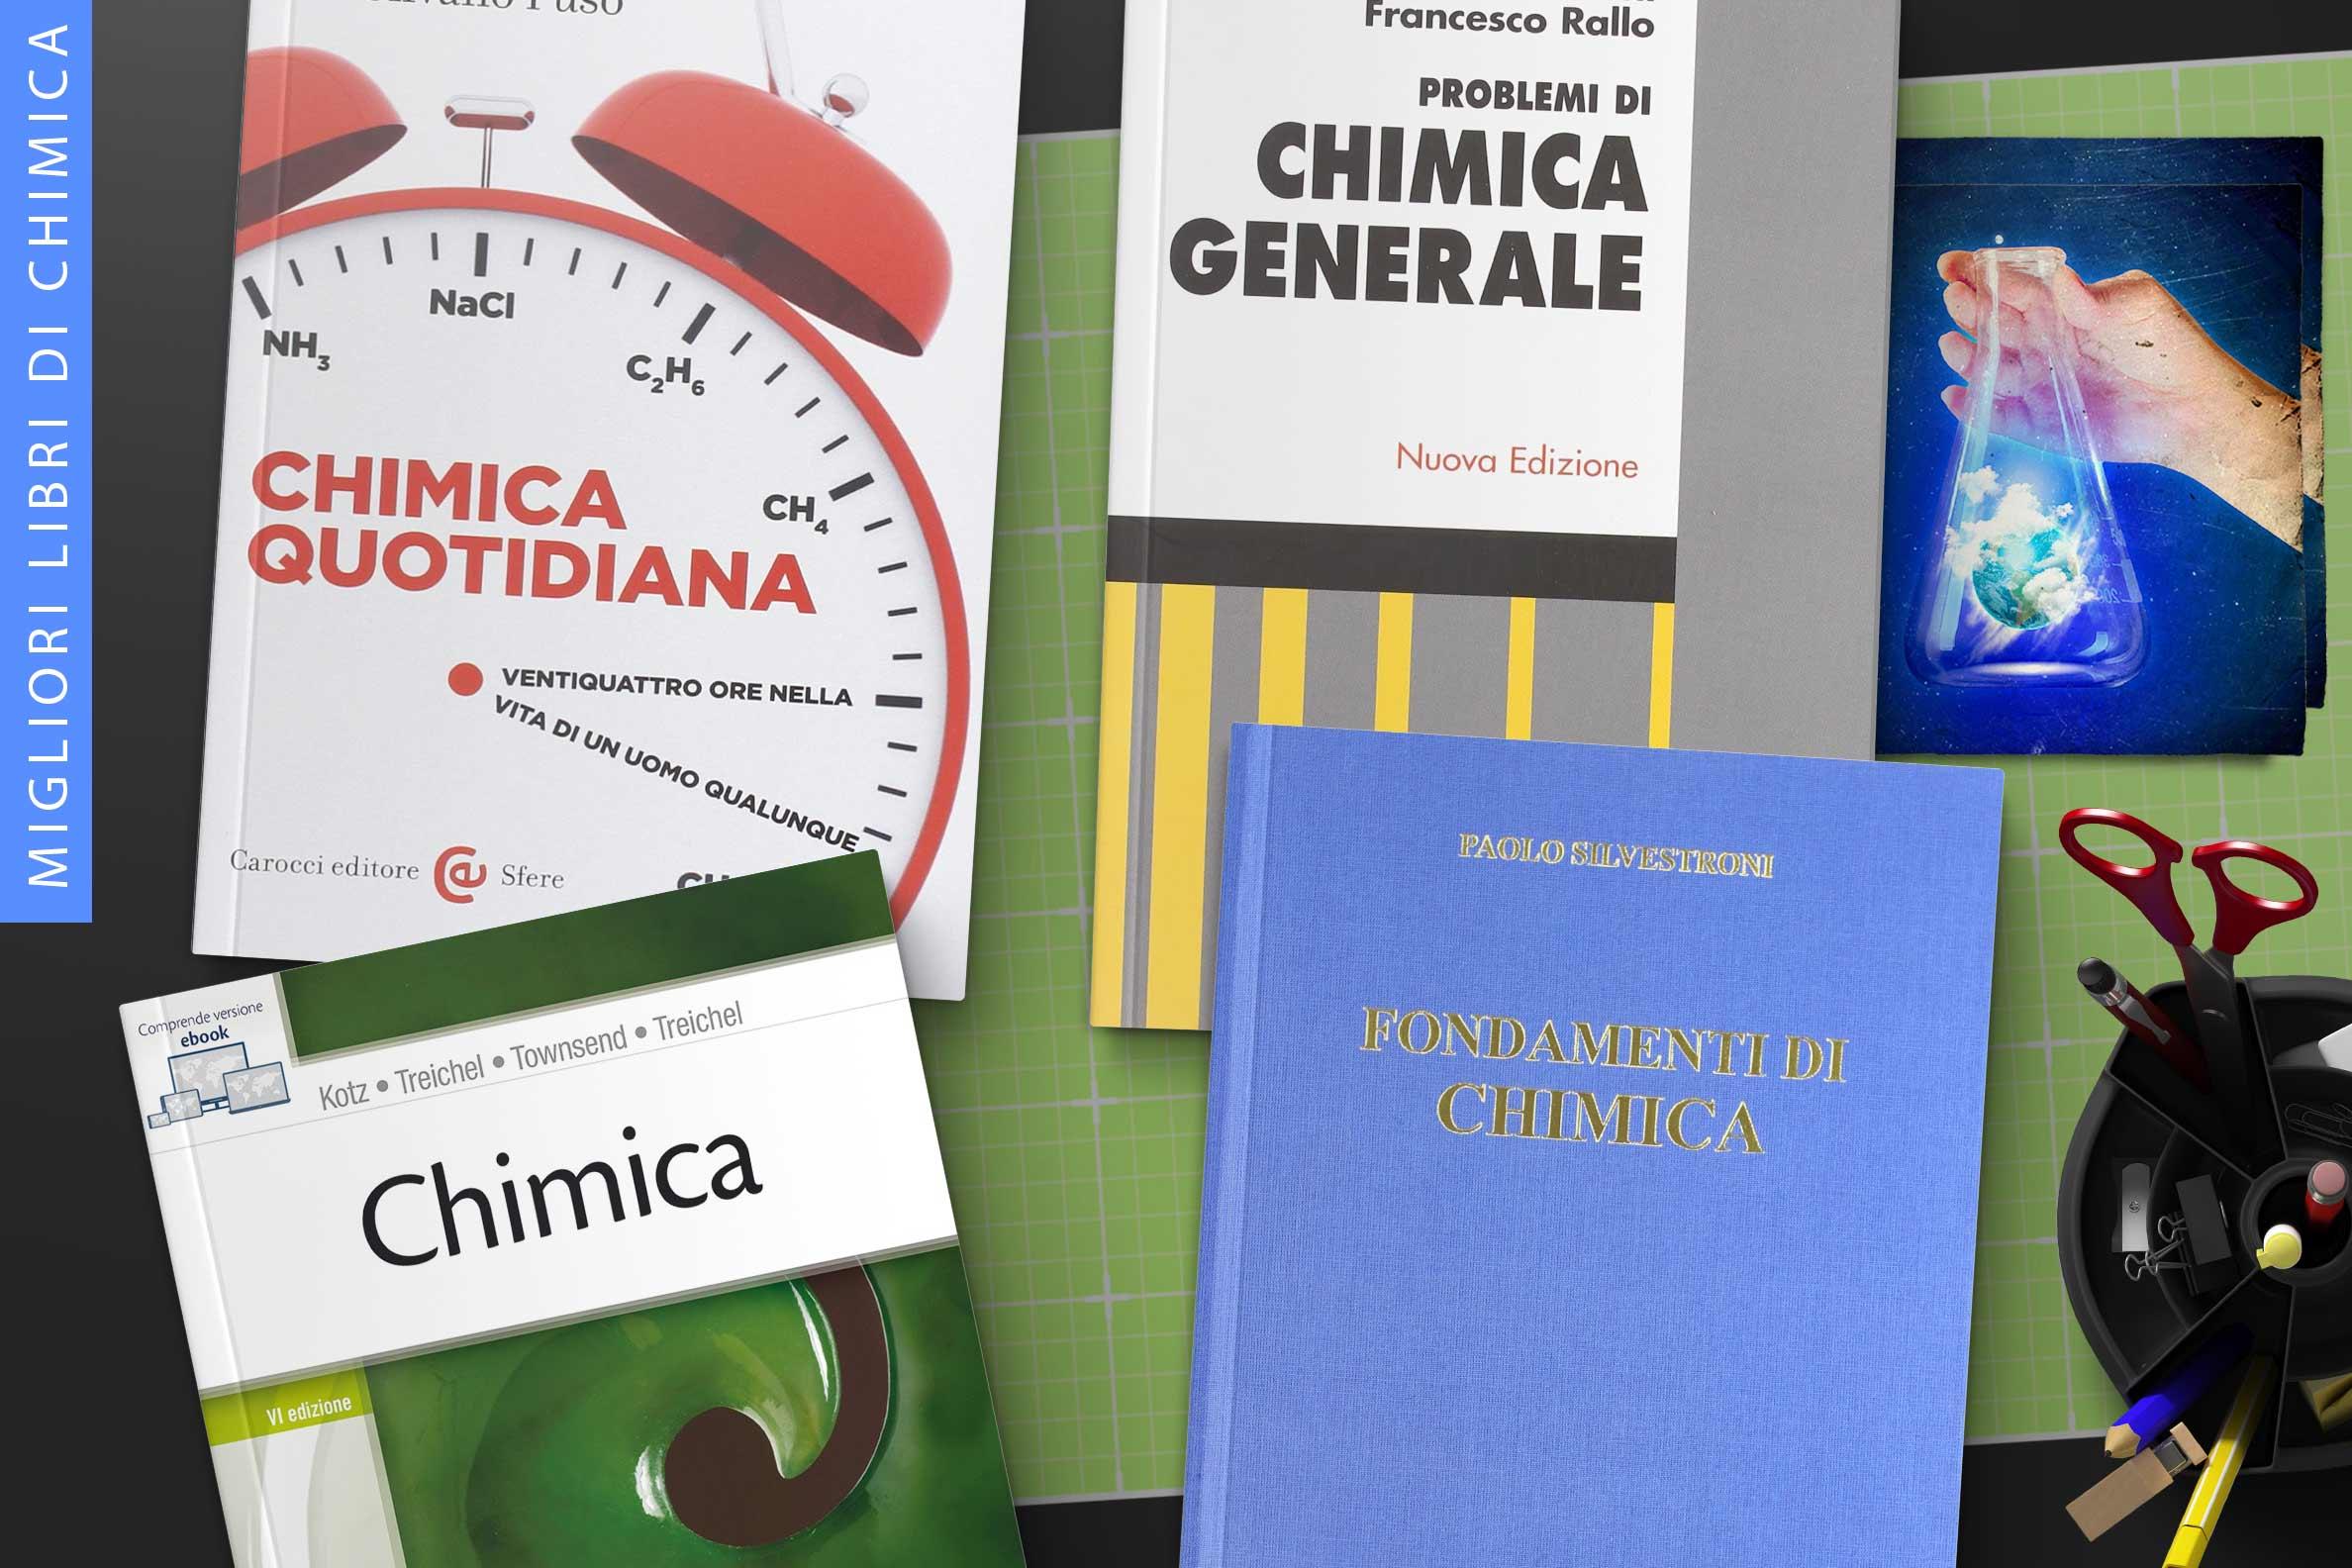 Migliori Libri Di Chimica | Libro Per Studiare La Chimica Facilmente